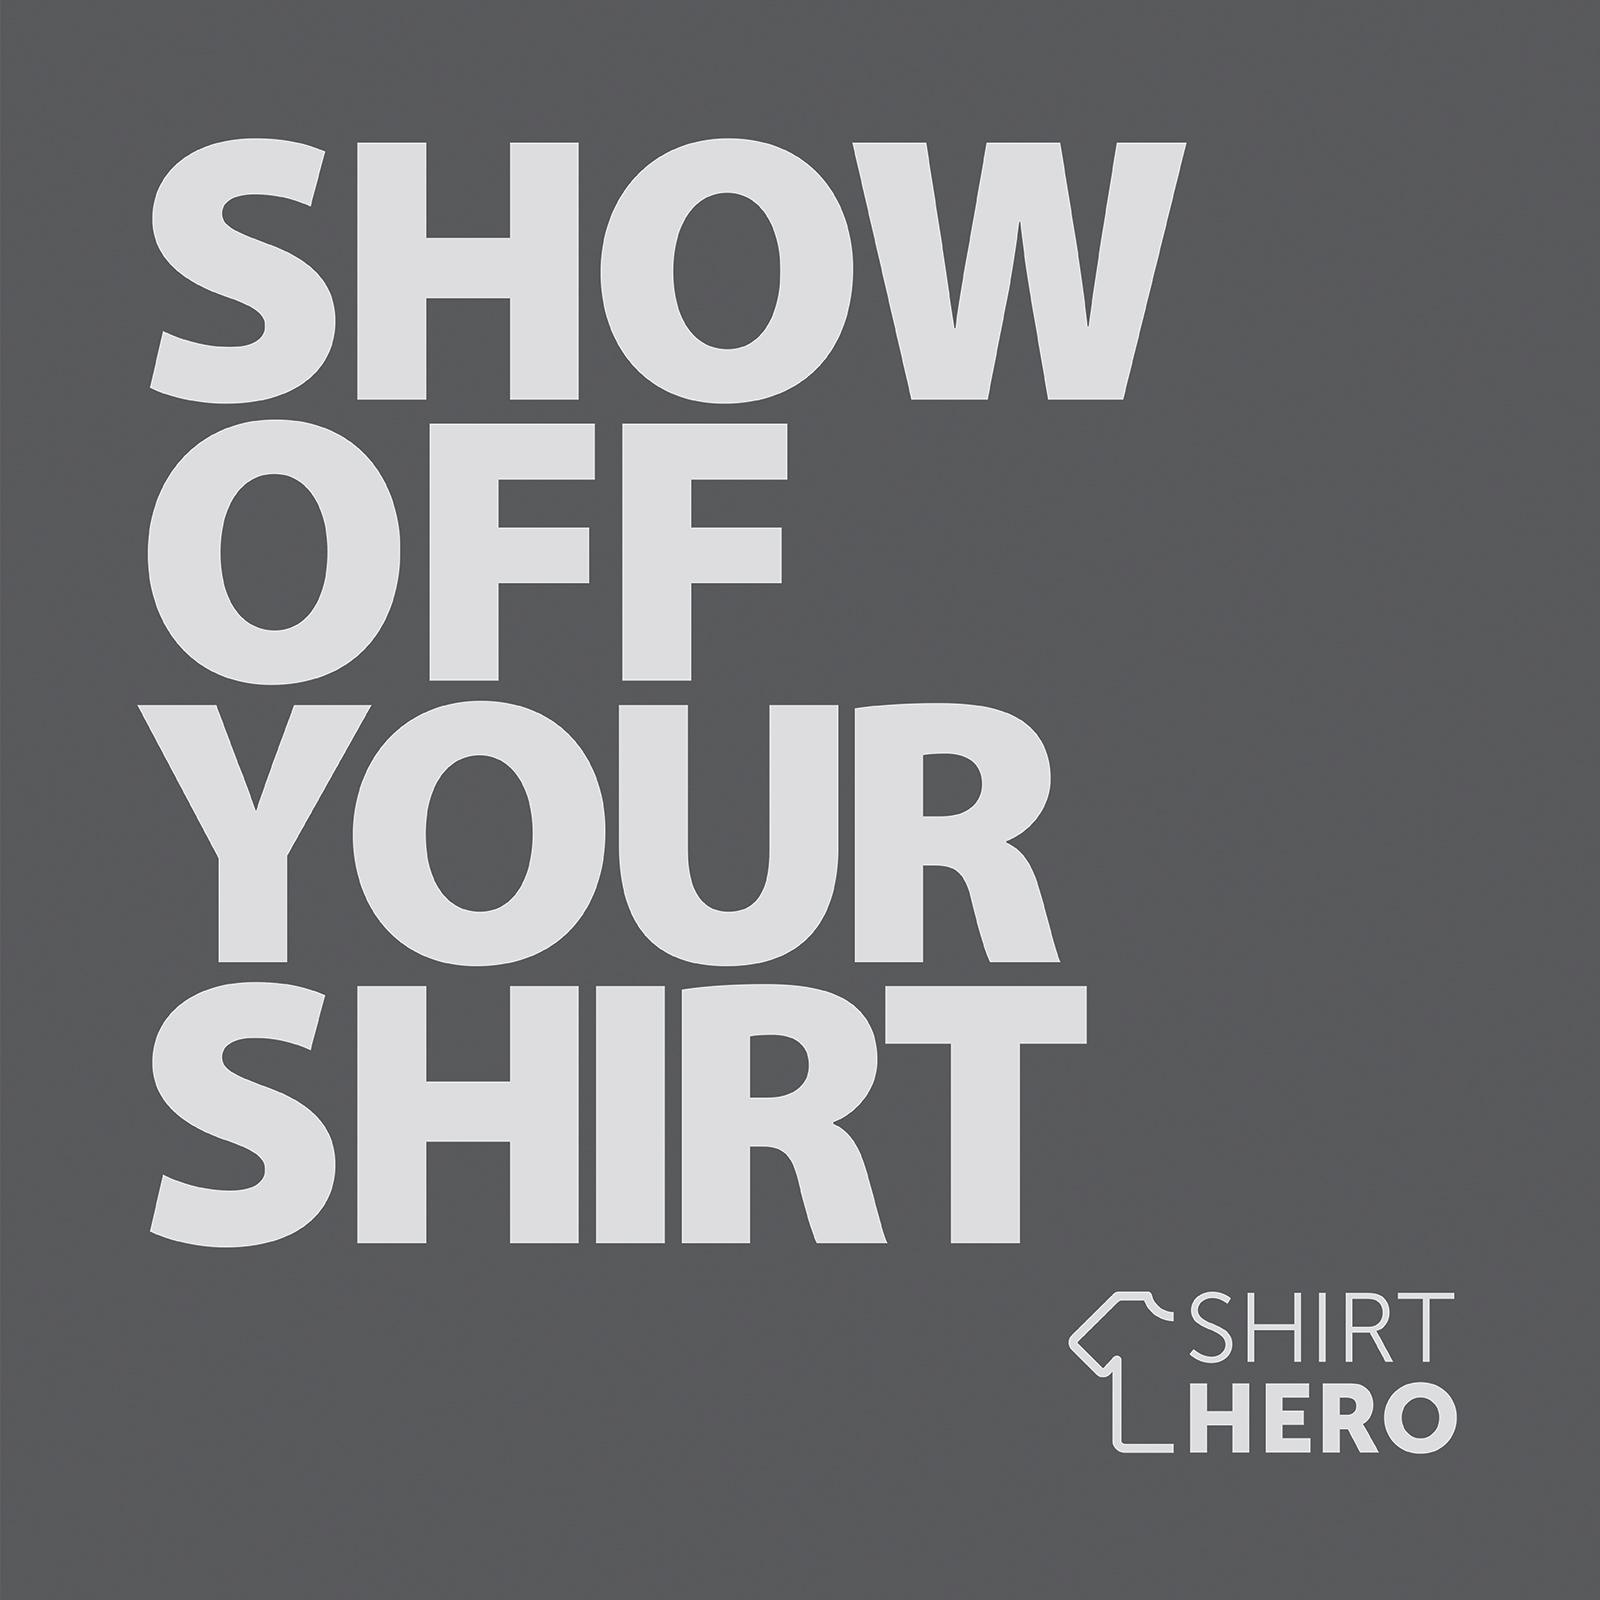 SHIRT HERO Shirt Display 3 PACK (White)